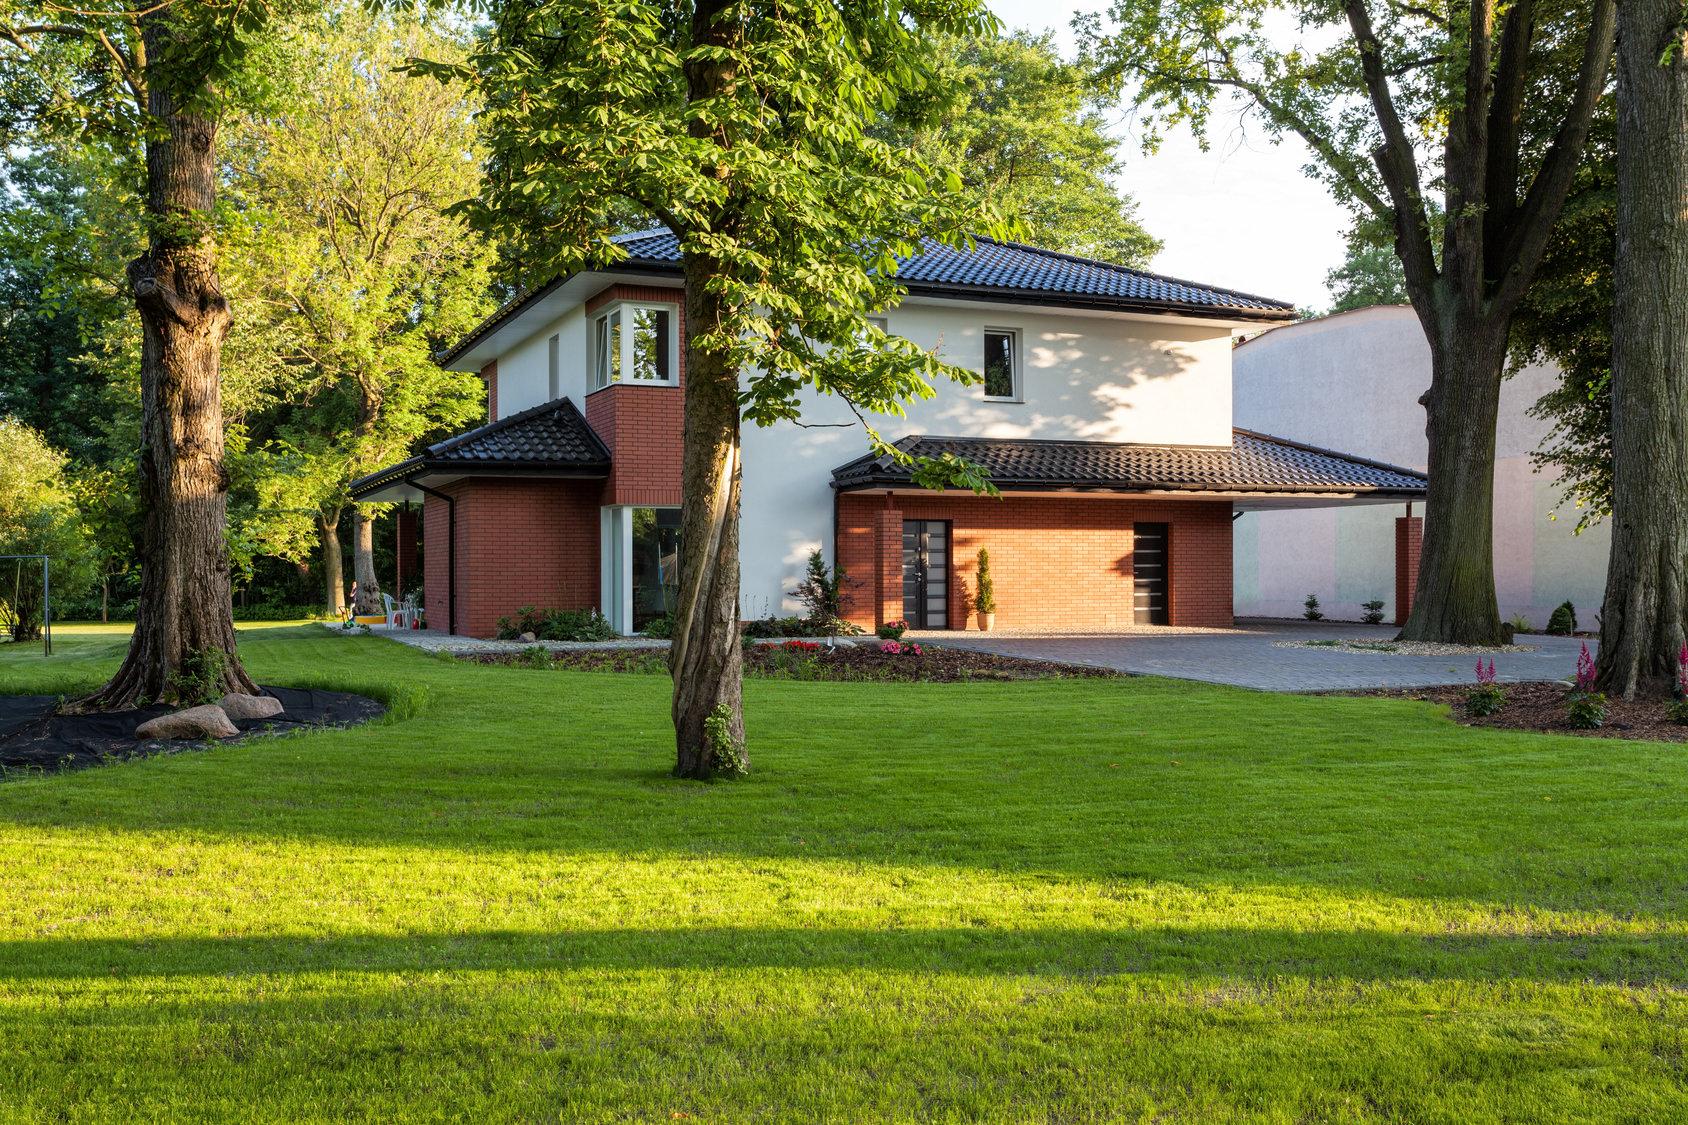 Tienes terreno comprar casa de madera construimos la de - Casa con terreno ...